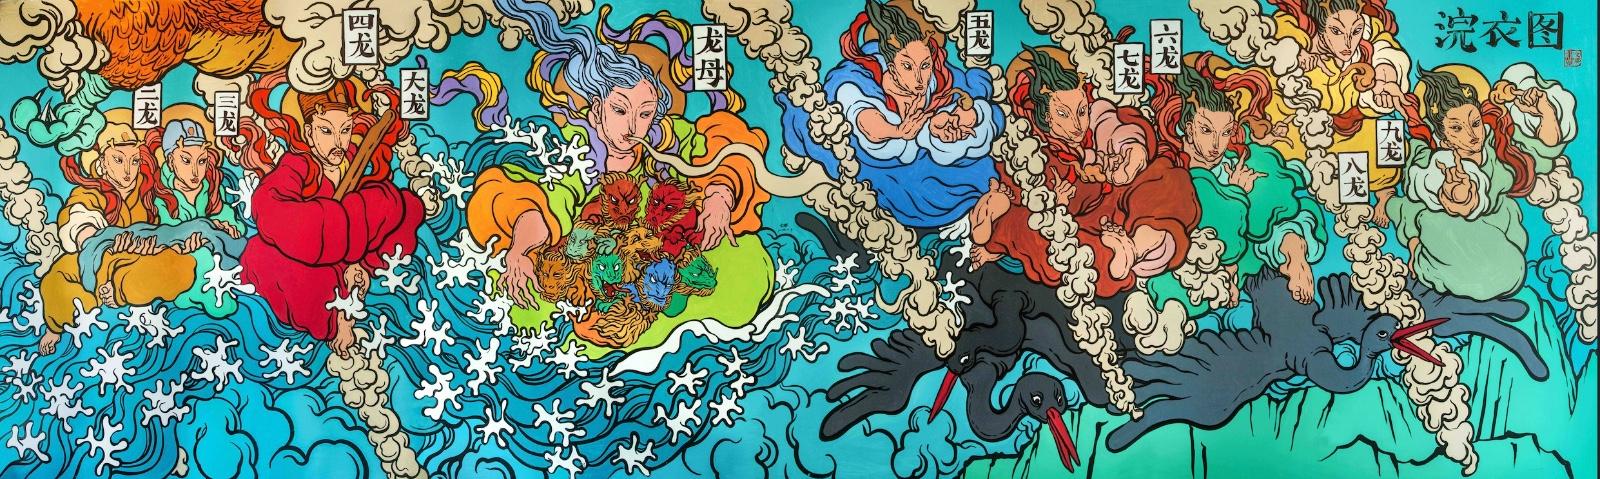 嫩逼艺术图_文那根据许村神话故事,创作了壁画《浣衣图》 2015年许村国际艺术节